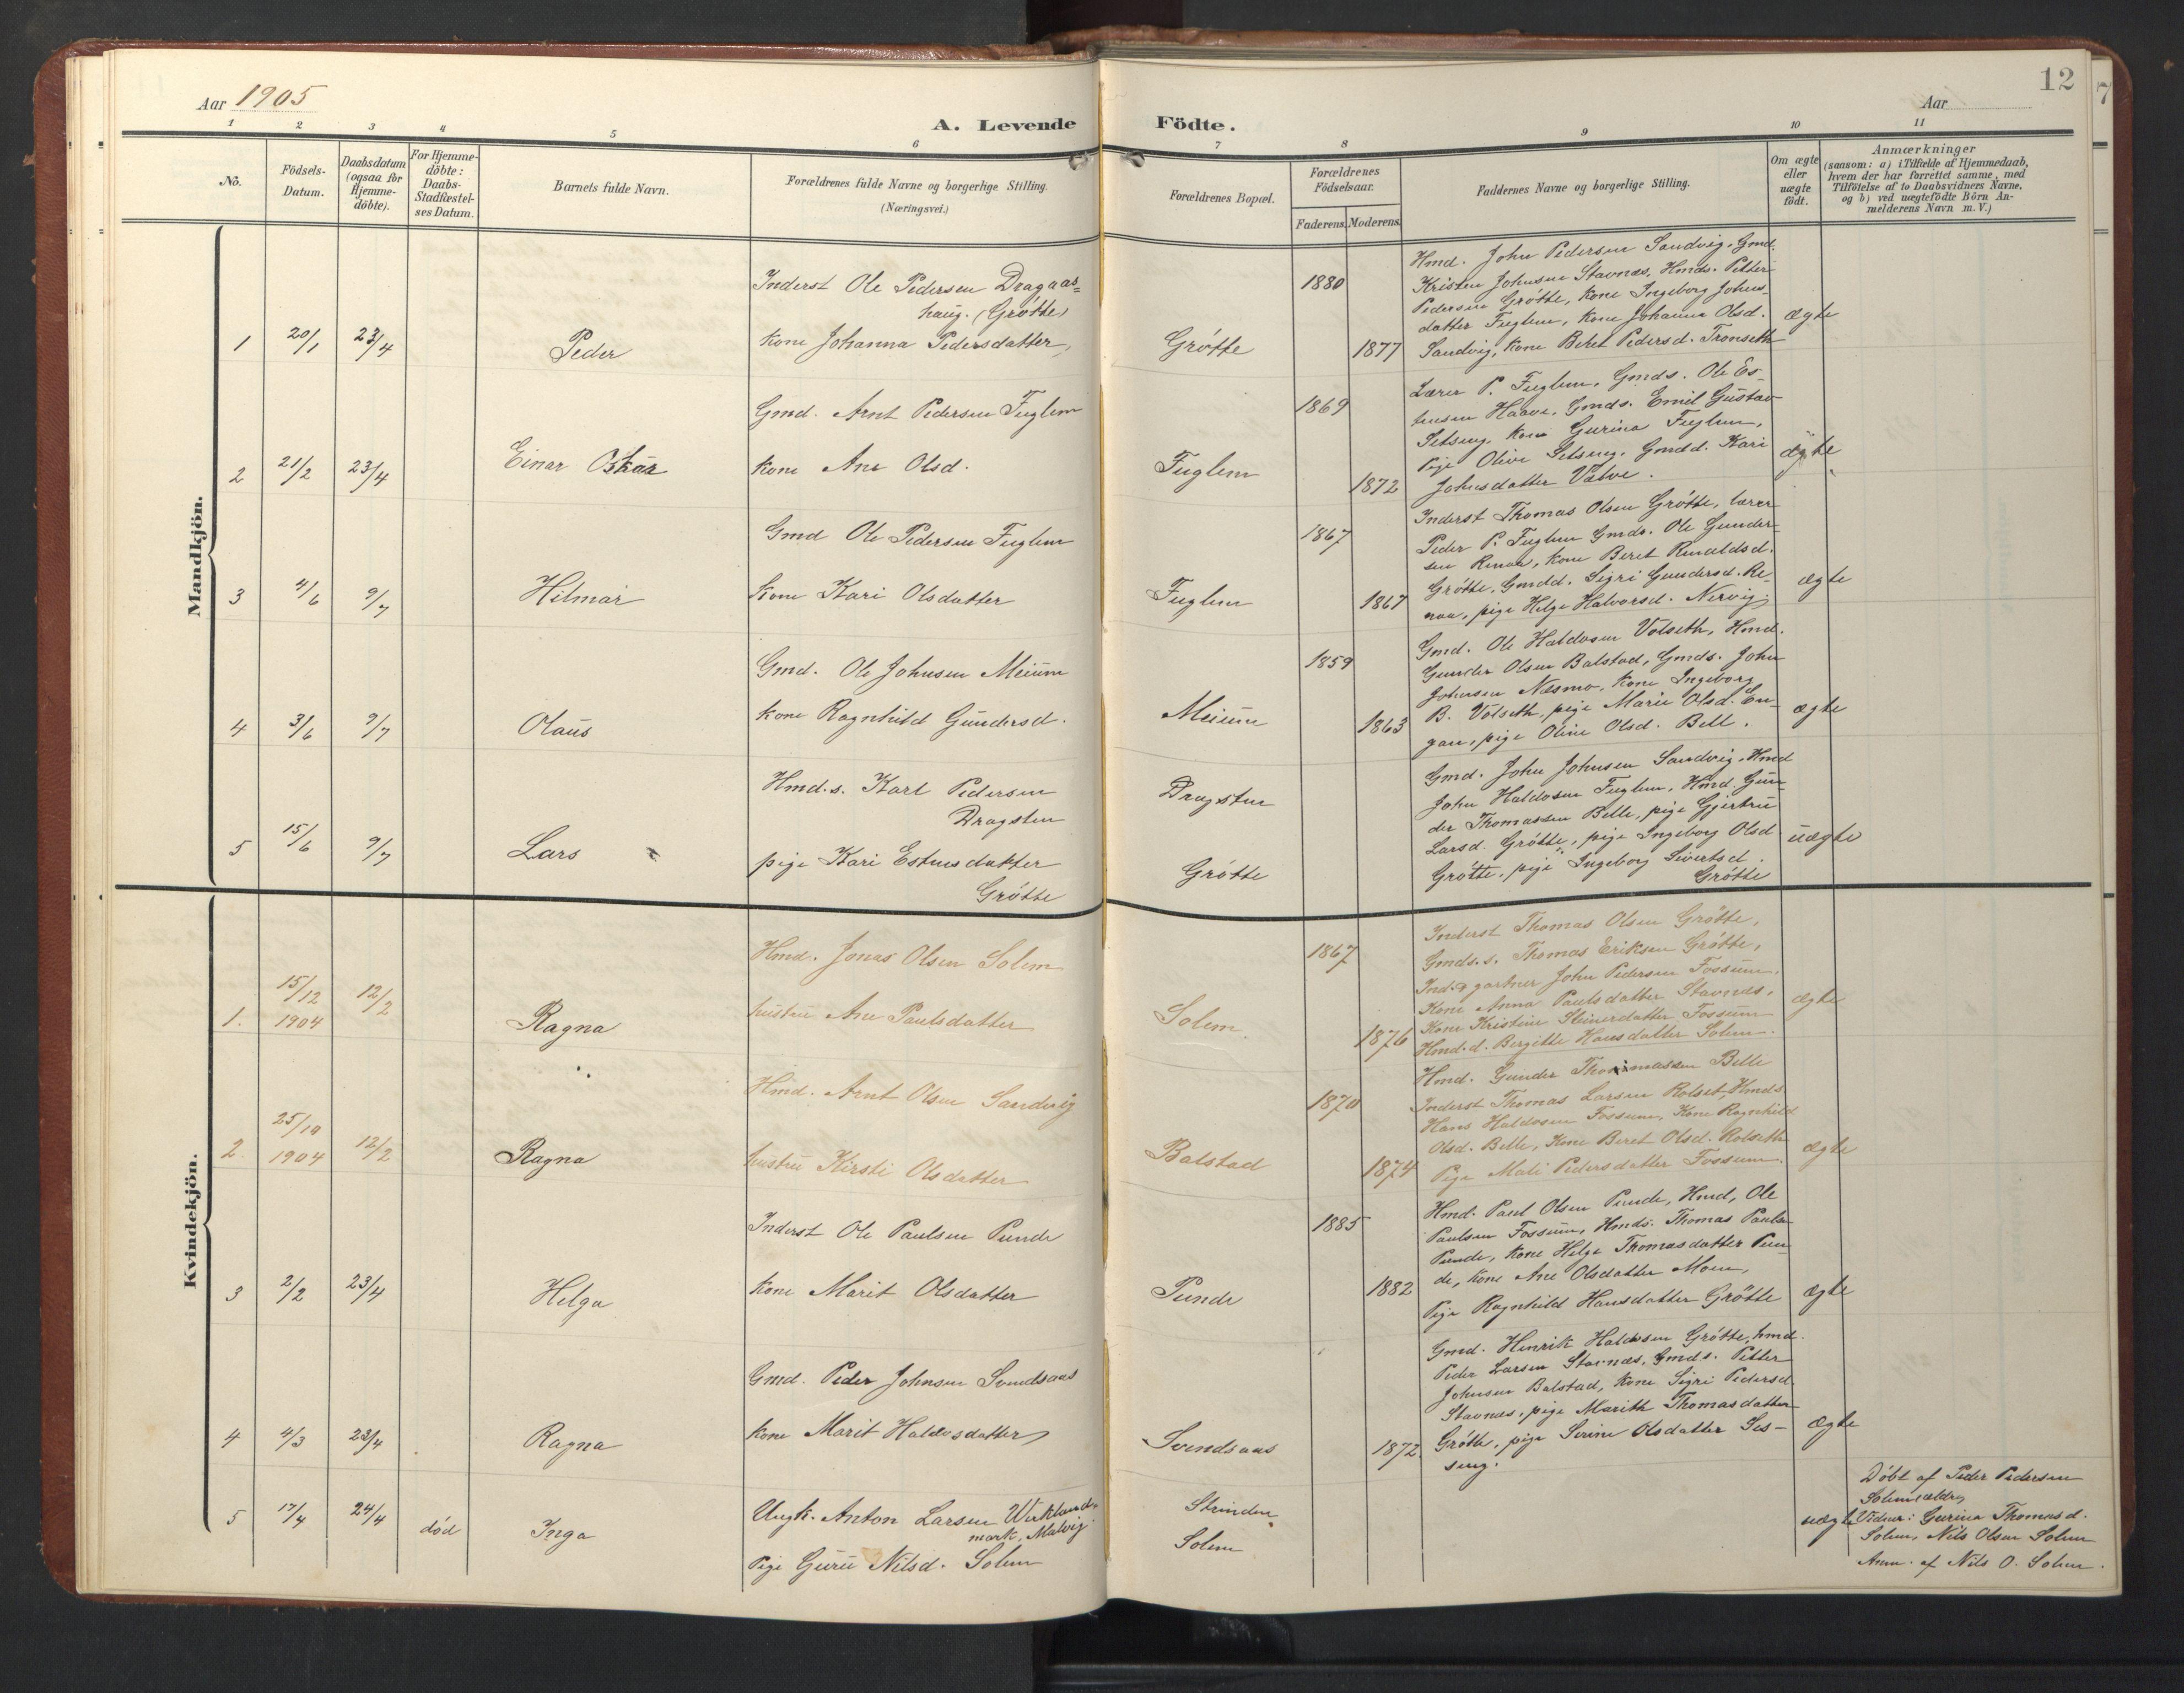 SAT, Ministerialprotokoller, klokkerbøker og fødselsregistre - Sør-Trøndelag, 696/L1161: Klokkerbok nr. 696C01, 1902-1950, s. 12